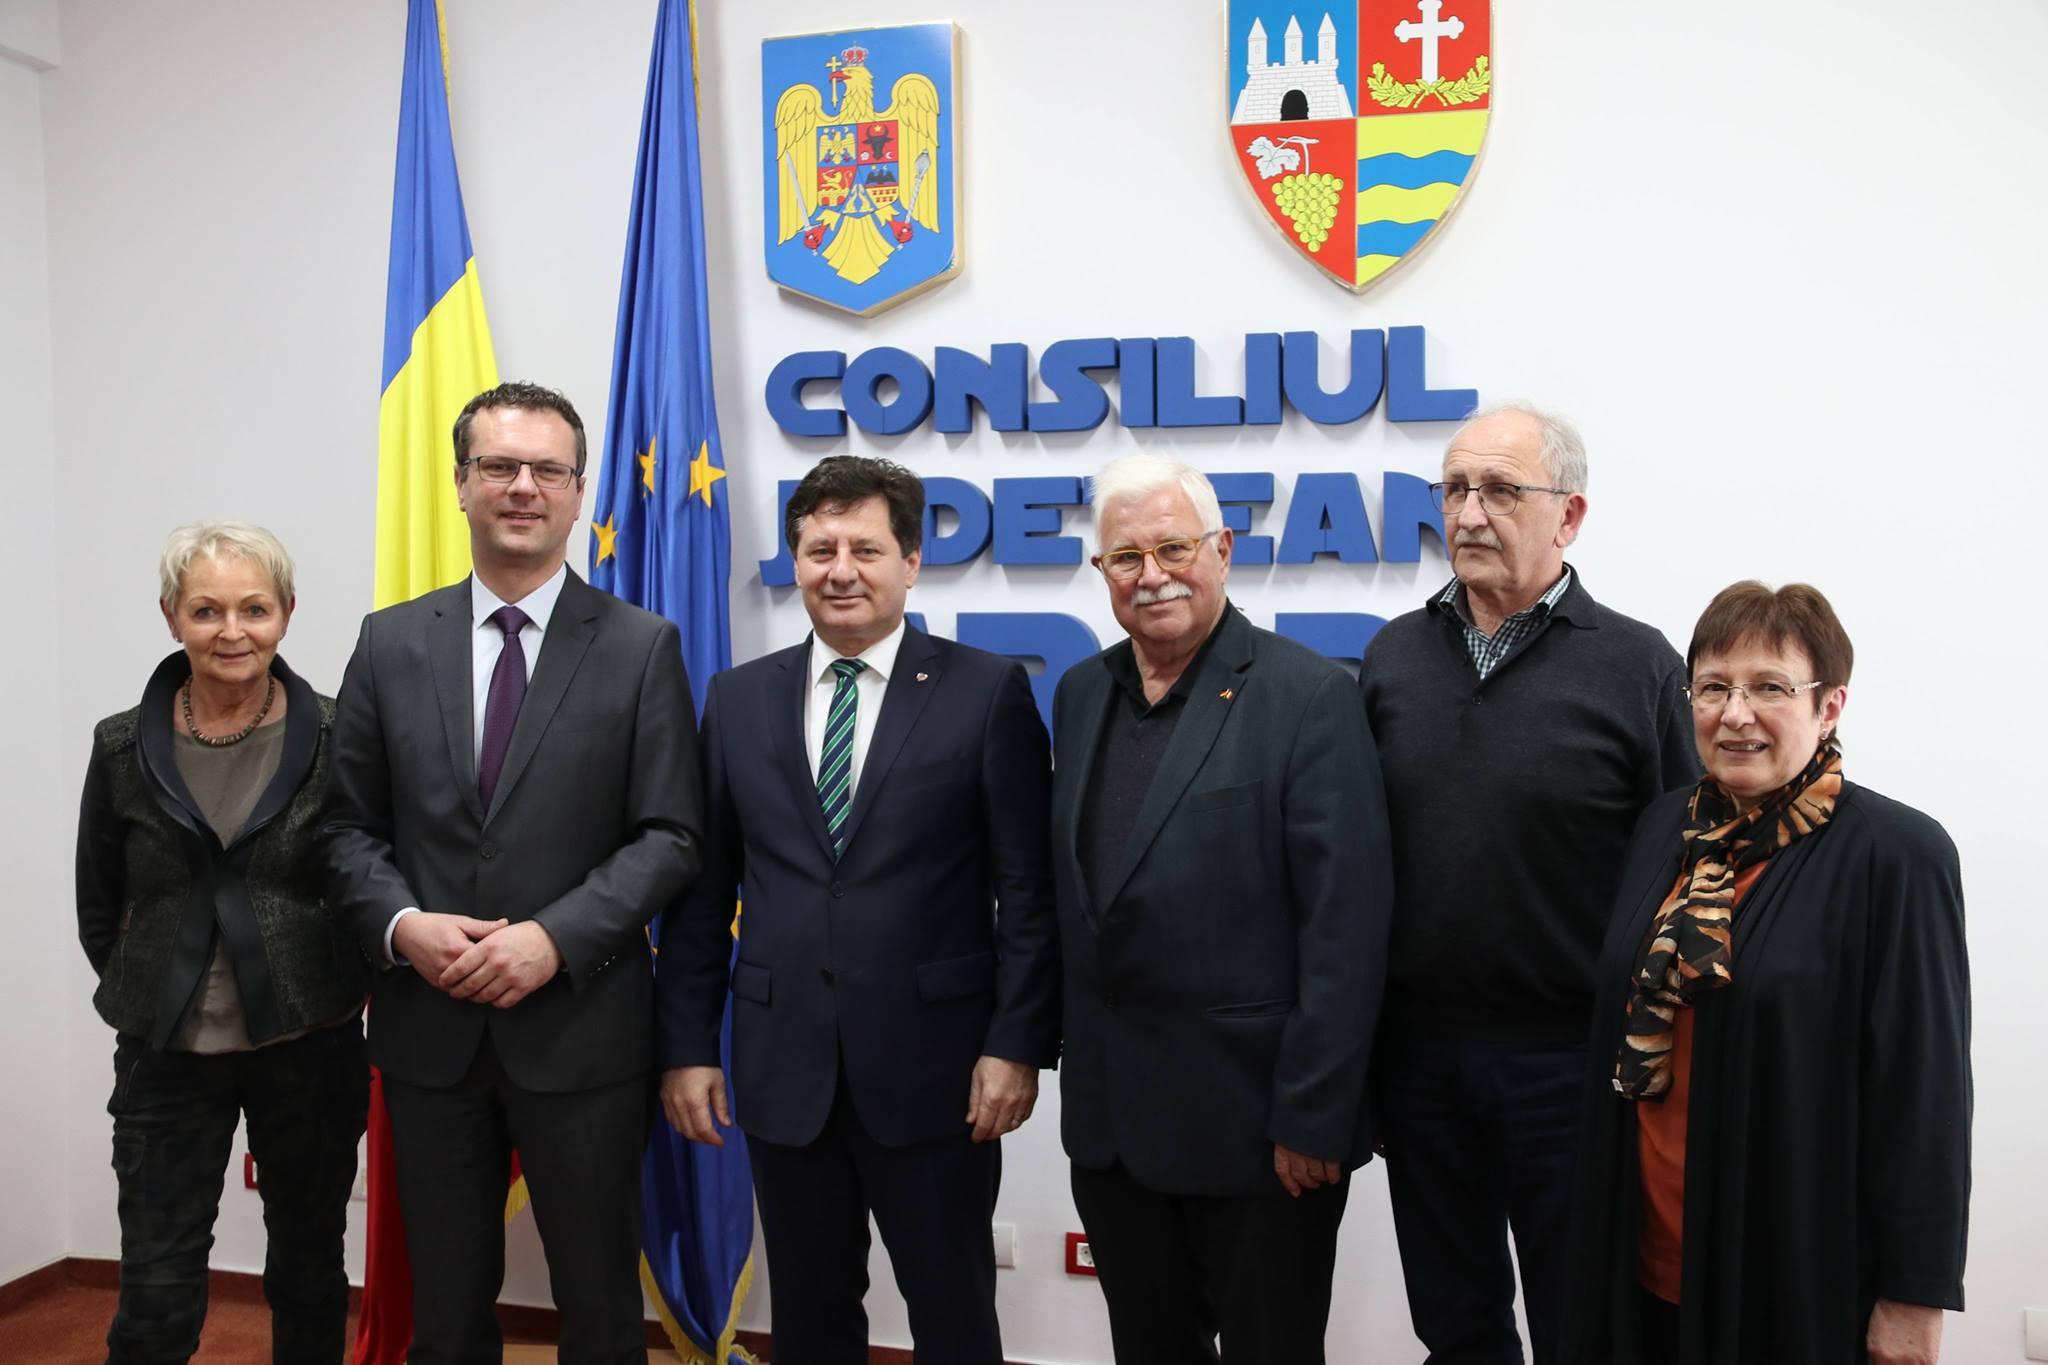 Delegație din Tübingen, în vizită oficială la Arad